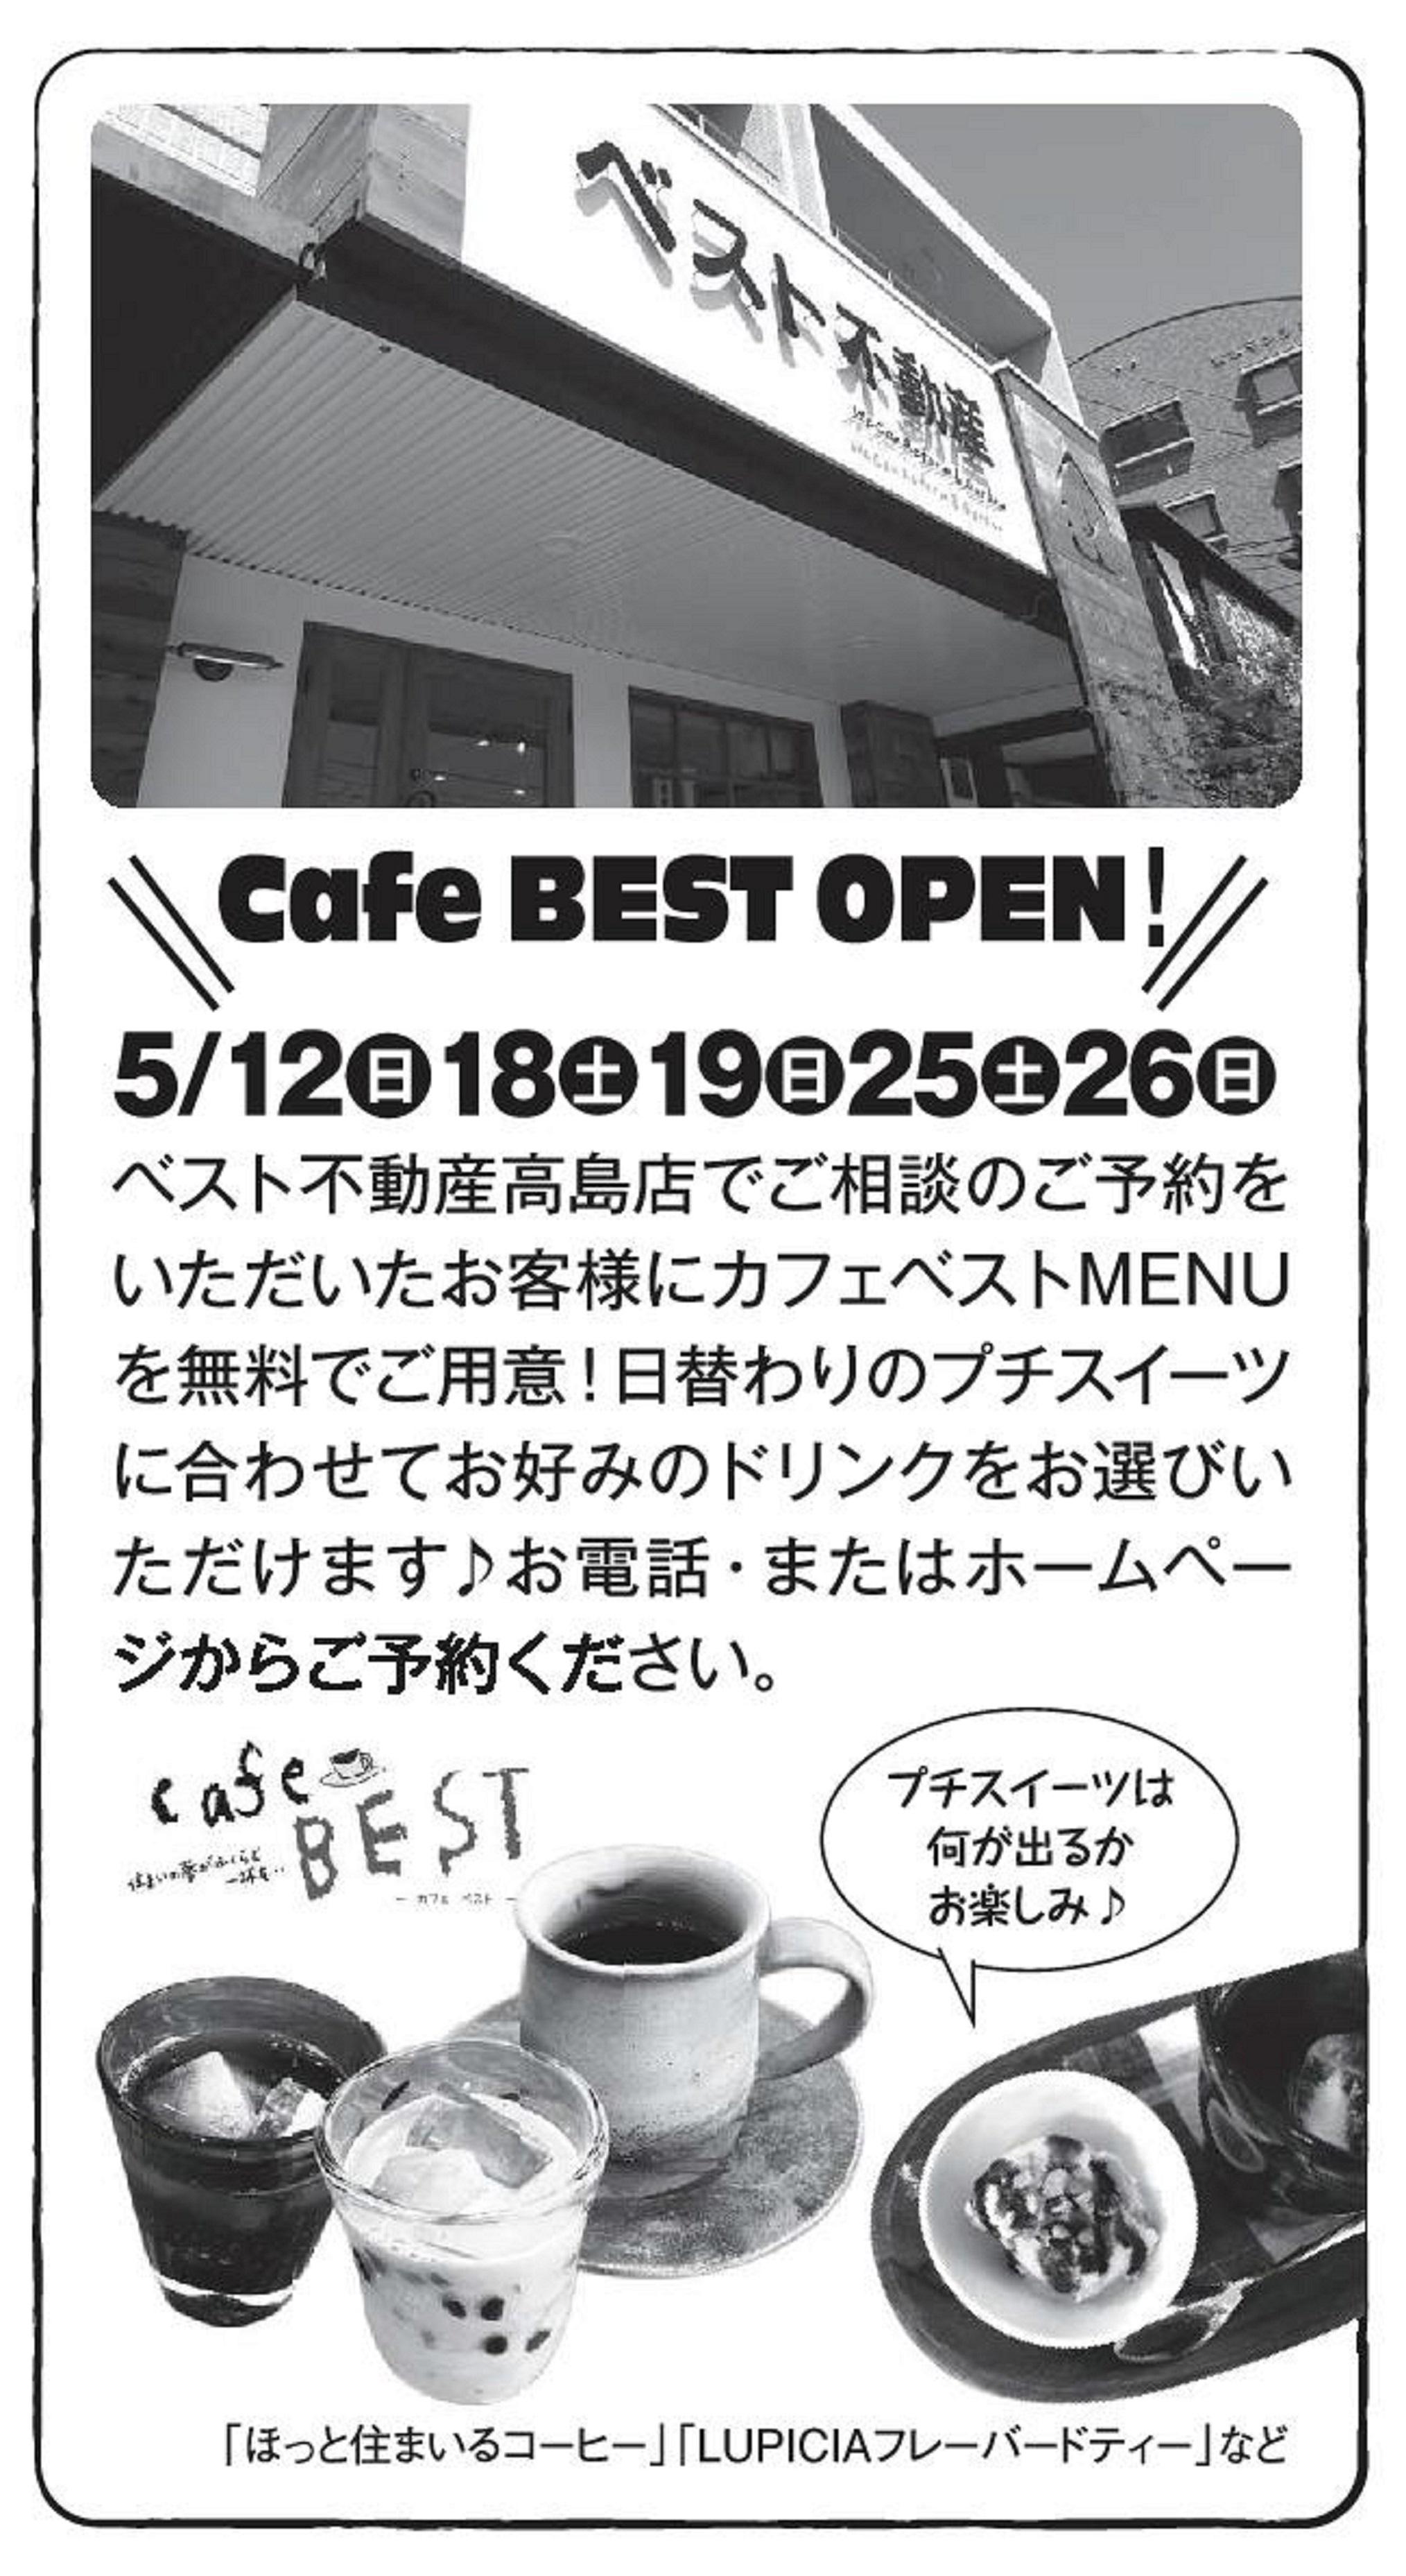 cafeBEST.jpg